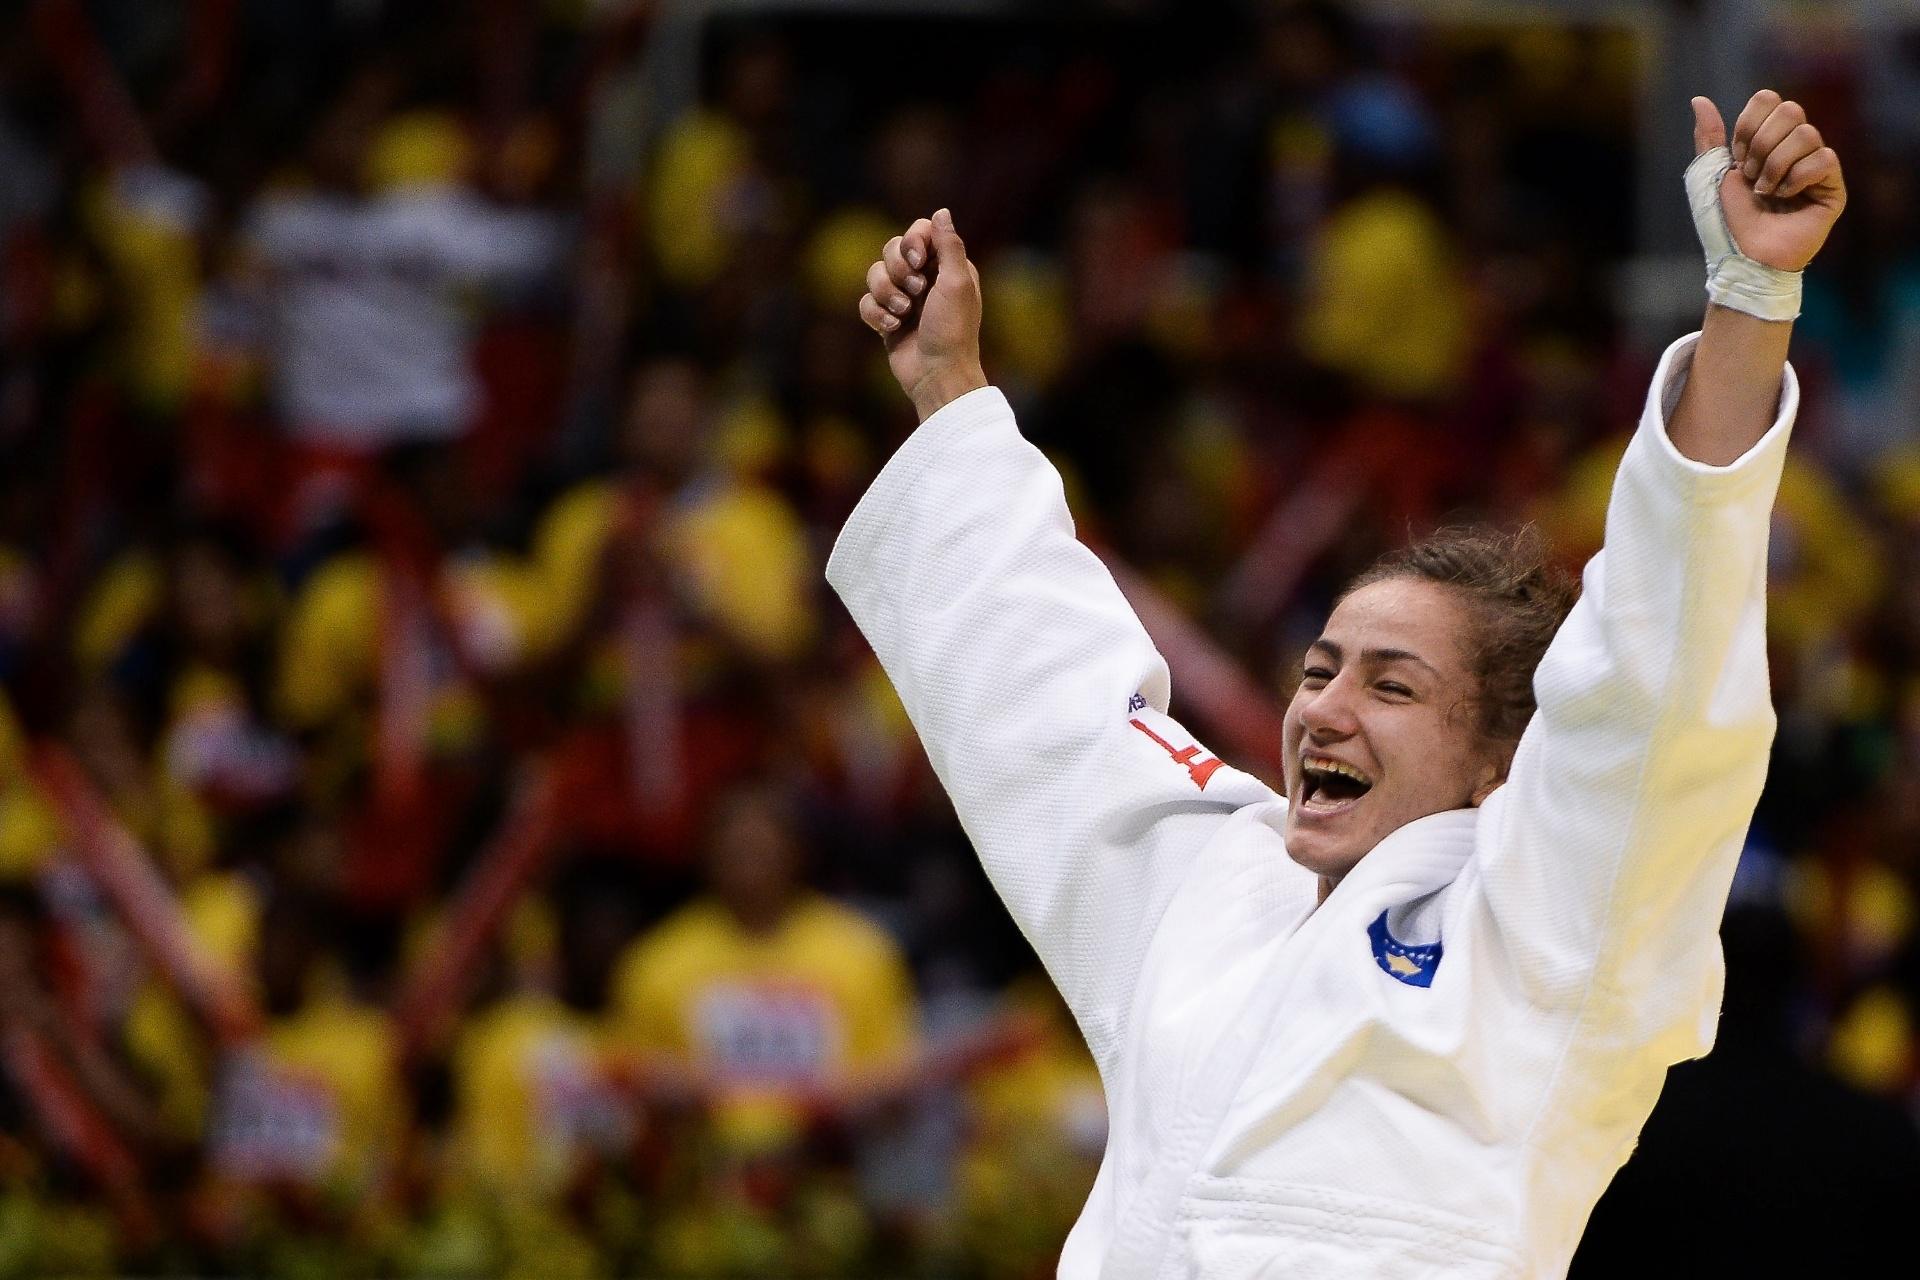 Majlinda comemora título mundial de 2013, no Rio de Janeiro